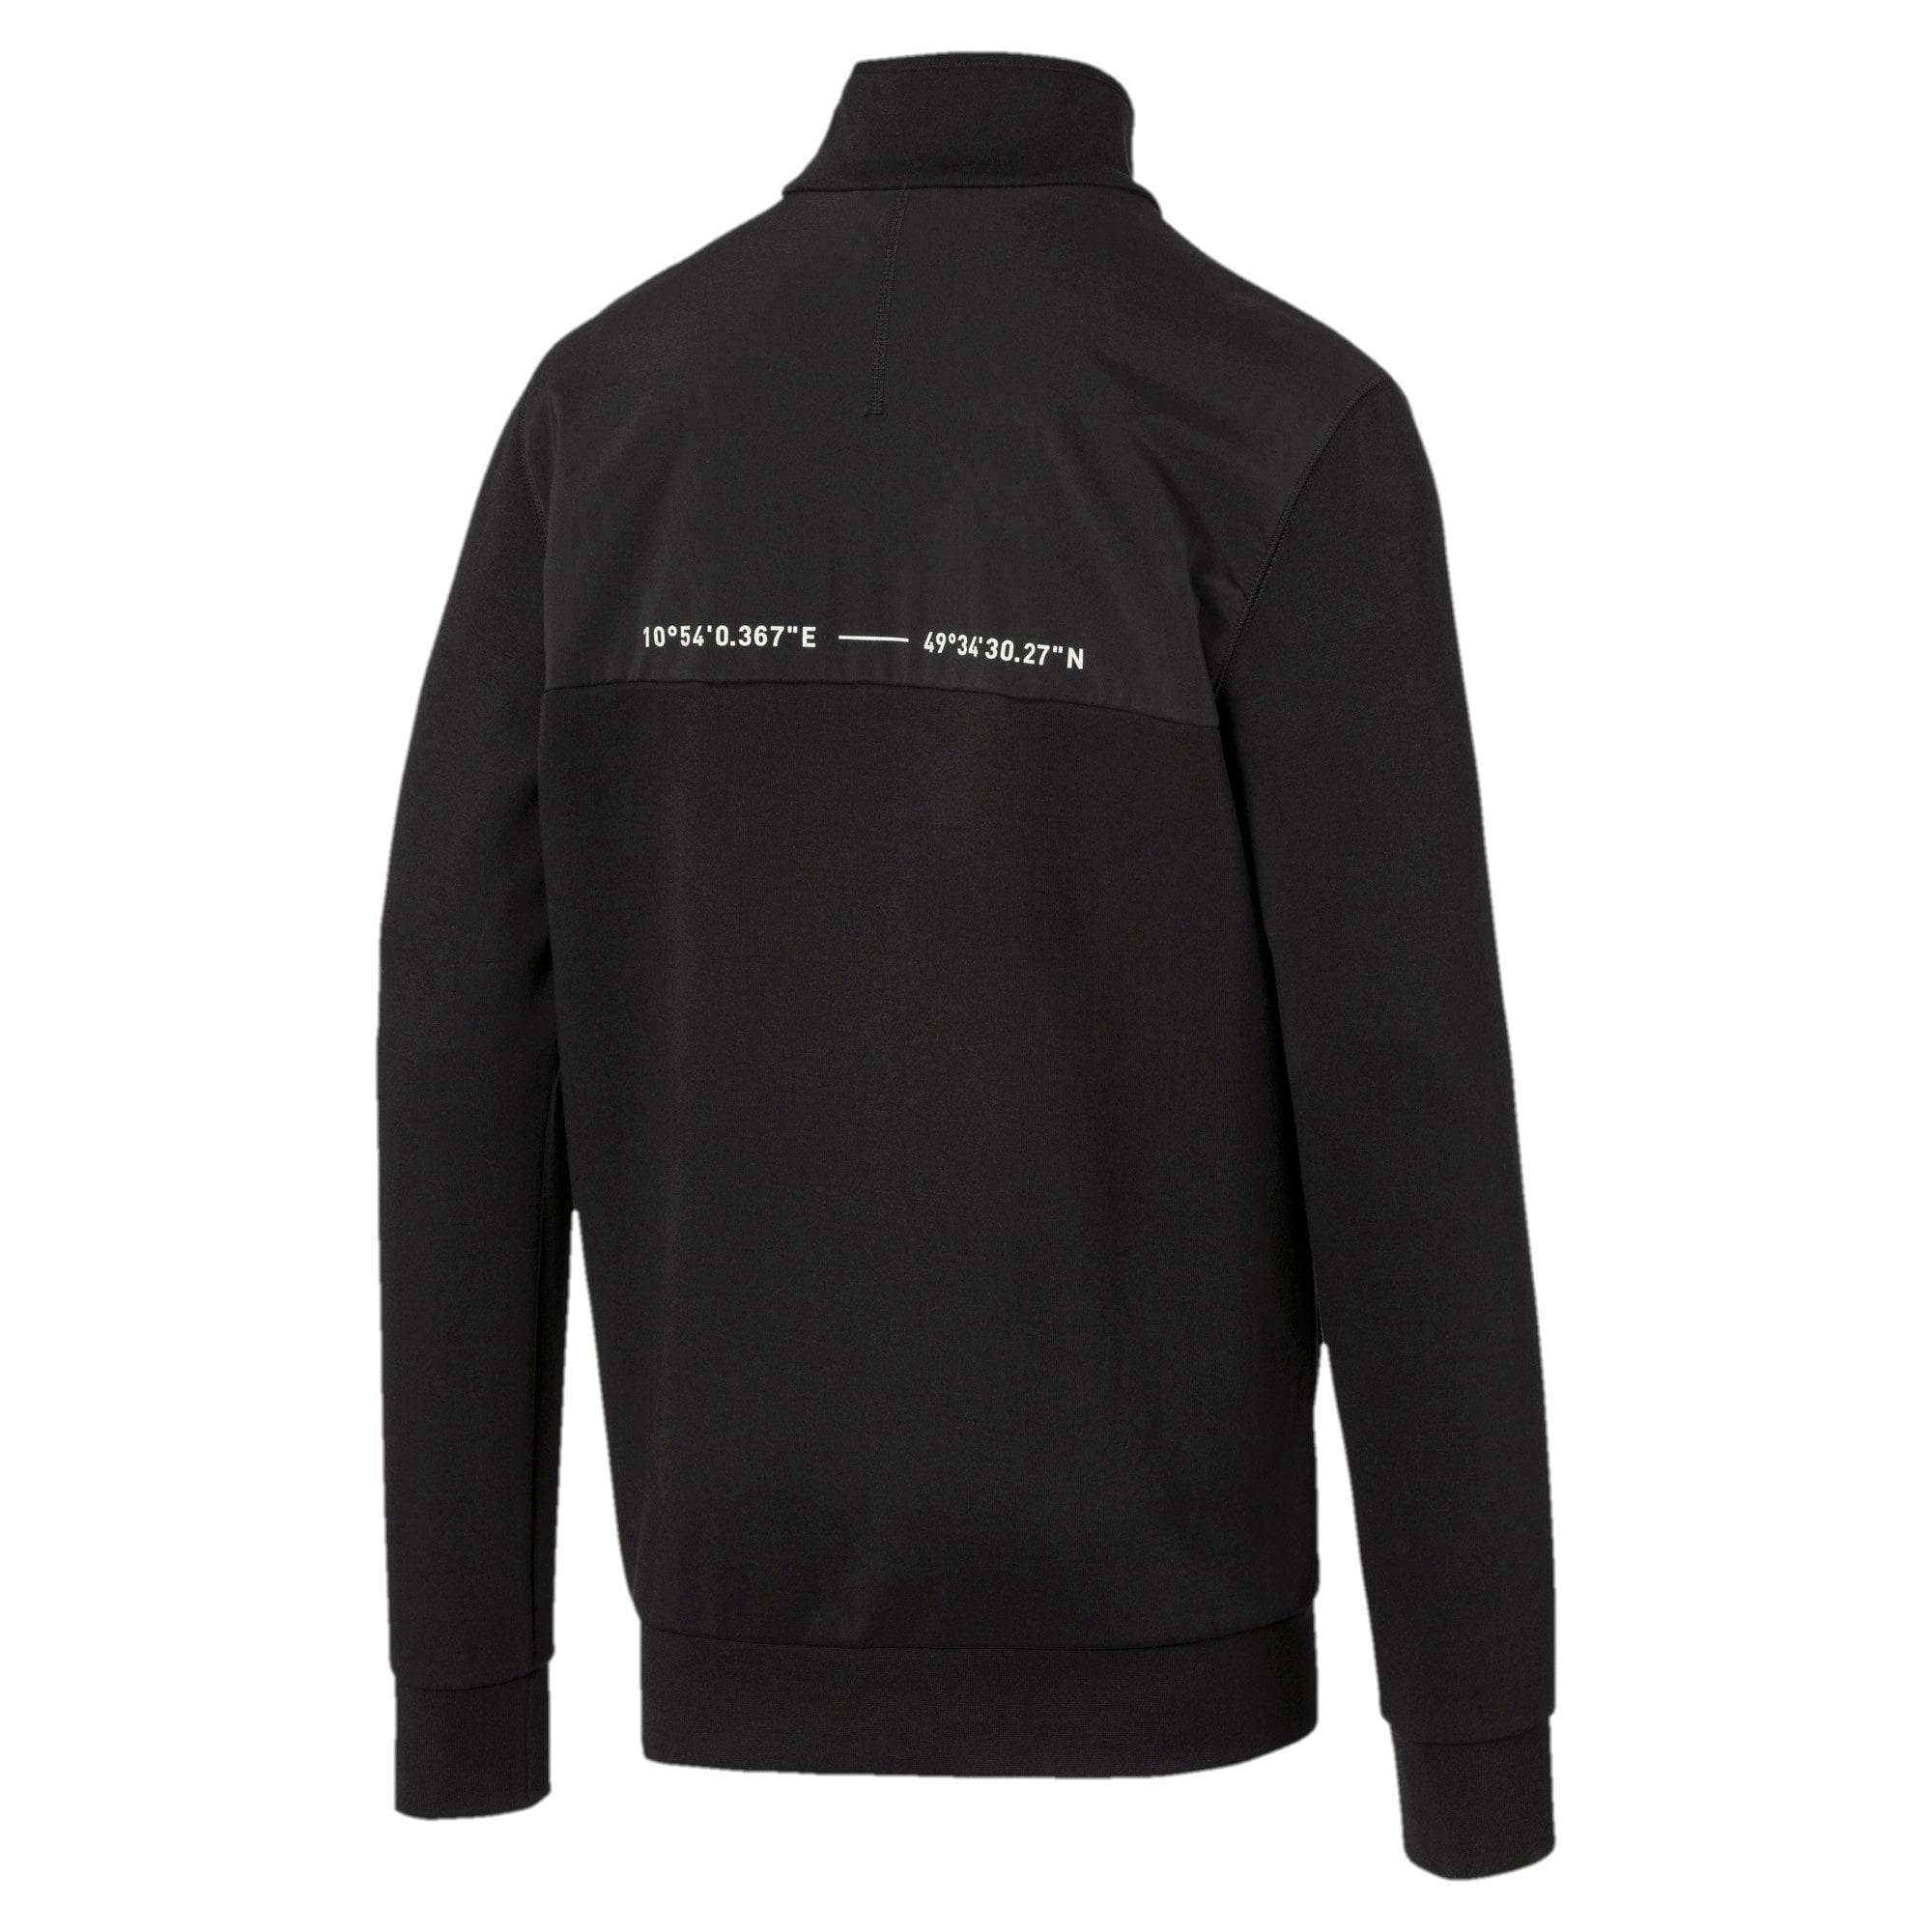 Thumbnail 5 of Epoch Hybrid Savannah Half Zip Men's Pullover, Puma Black, medium